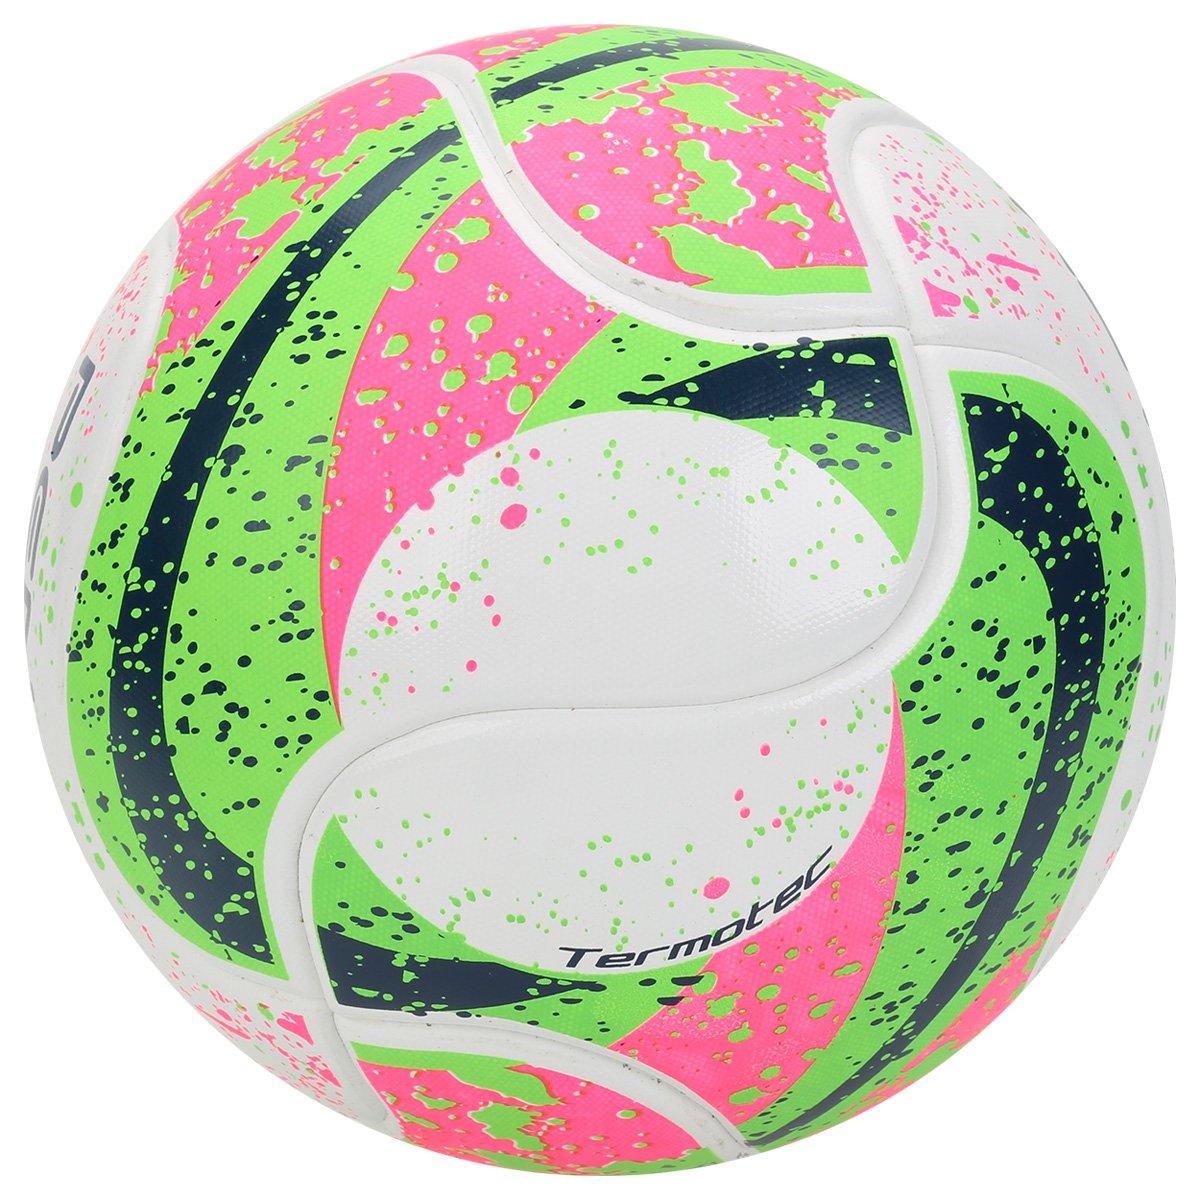 ... Bola Futsal Penalty Max 500 Termotec 7. Bola Futsal Penalty Max 500  Termotec 7 - Branco+Verde Claro 74b0a972eb059